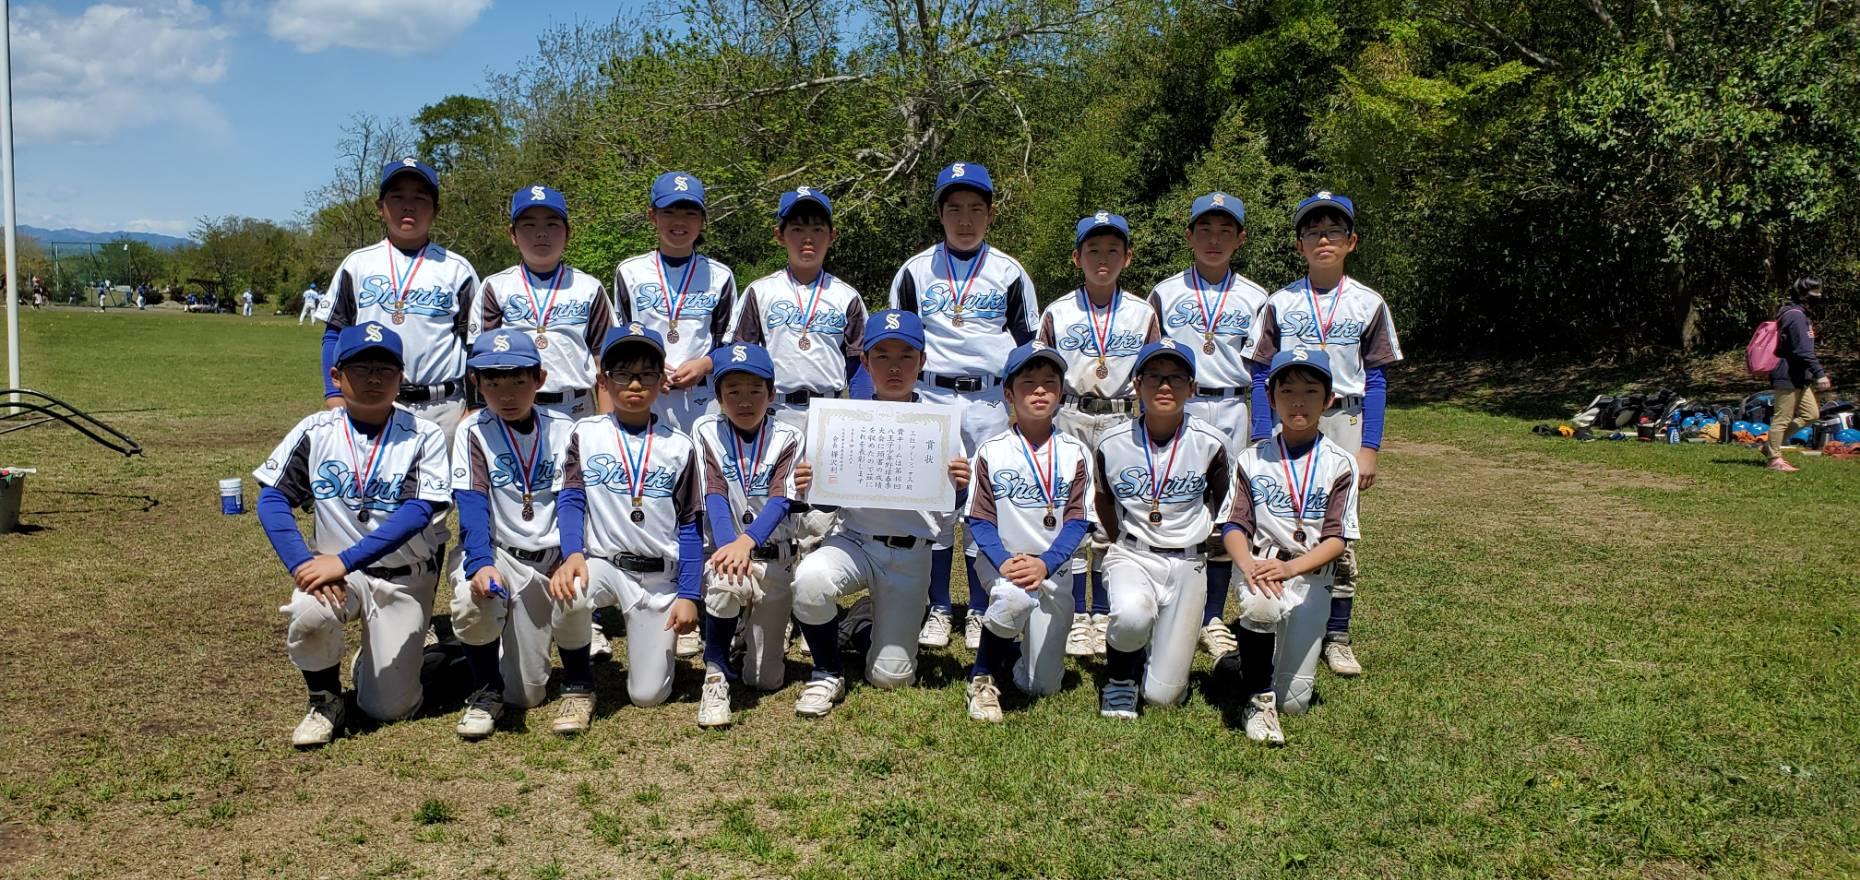 第46回 八王子市少年軟式野球・春季大会 第三位 つくしシャークス 令和3年4月18日